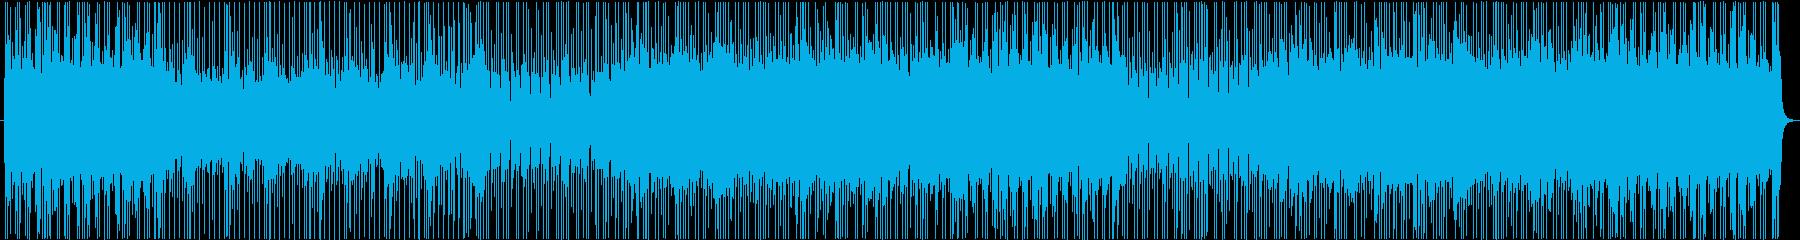 明るくポップで元気なバンドサウンドの再生済みの波形